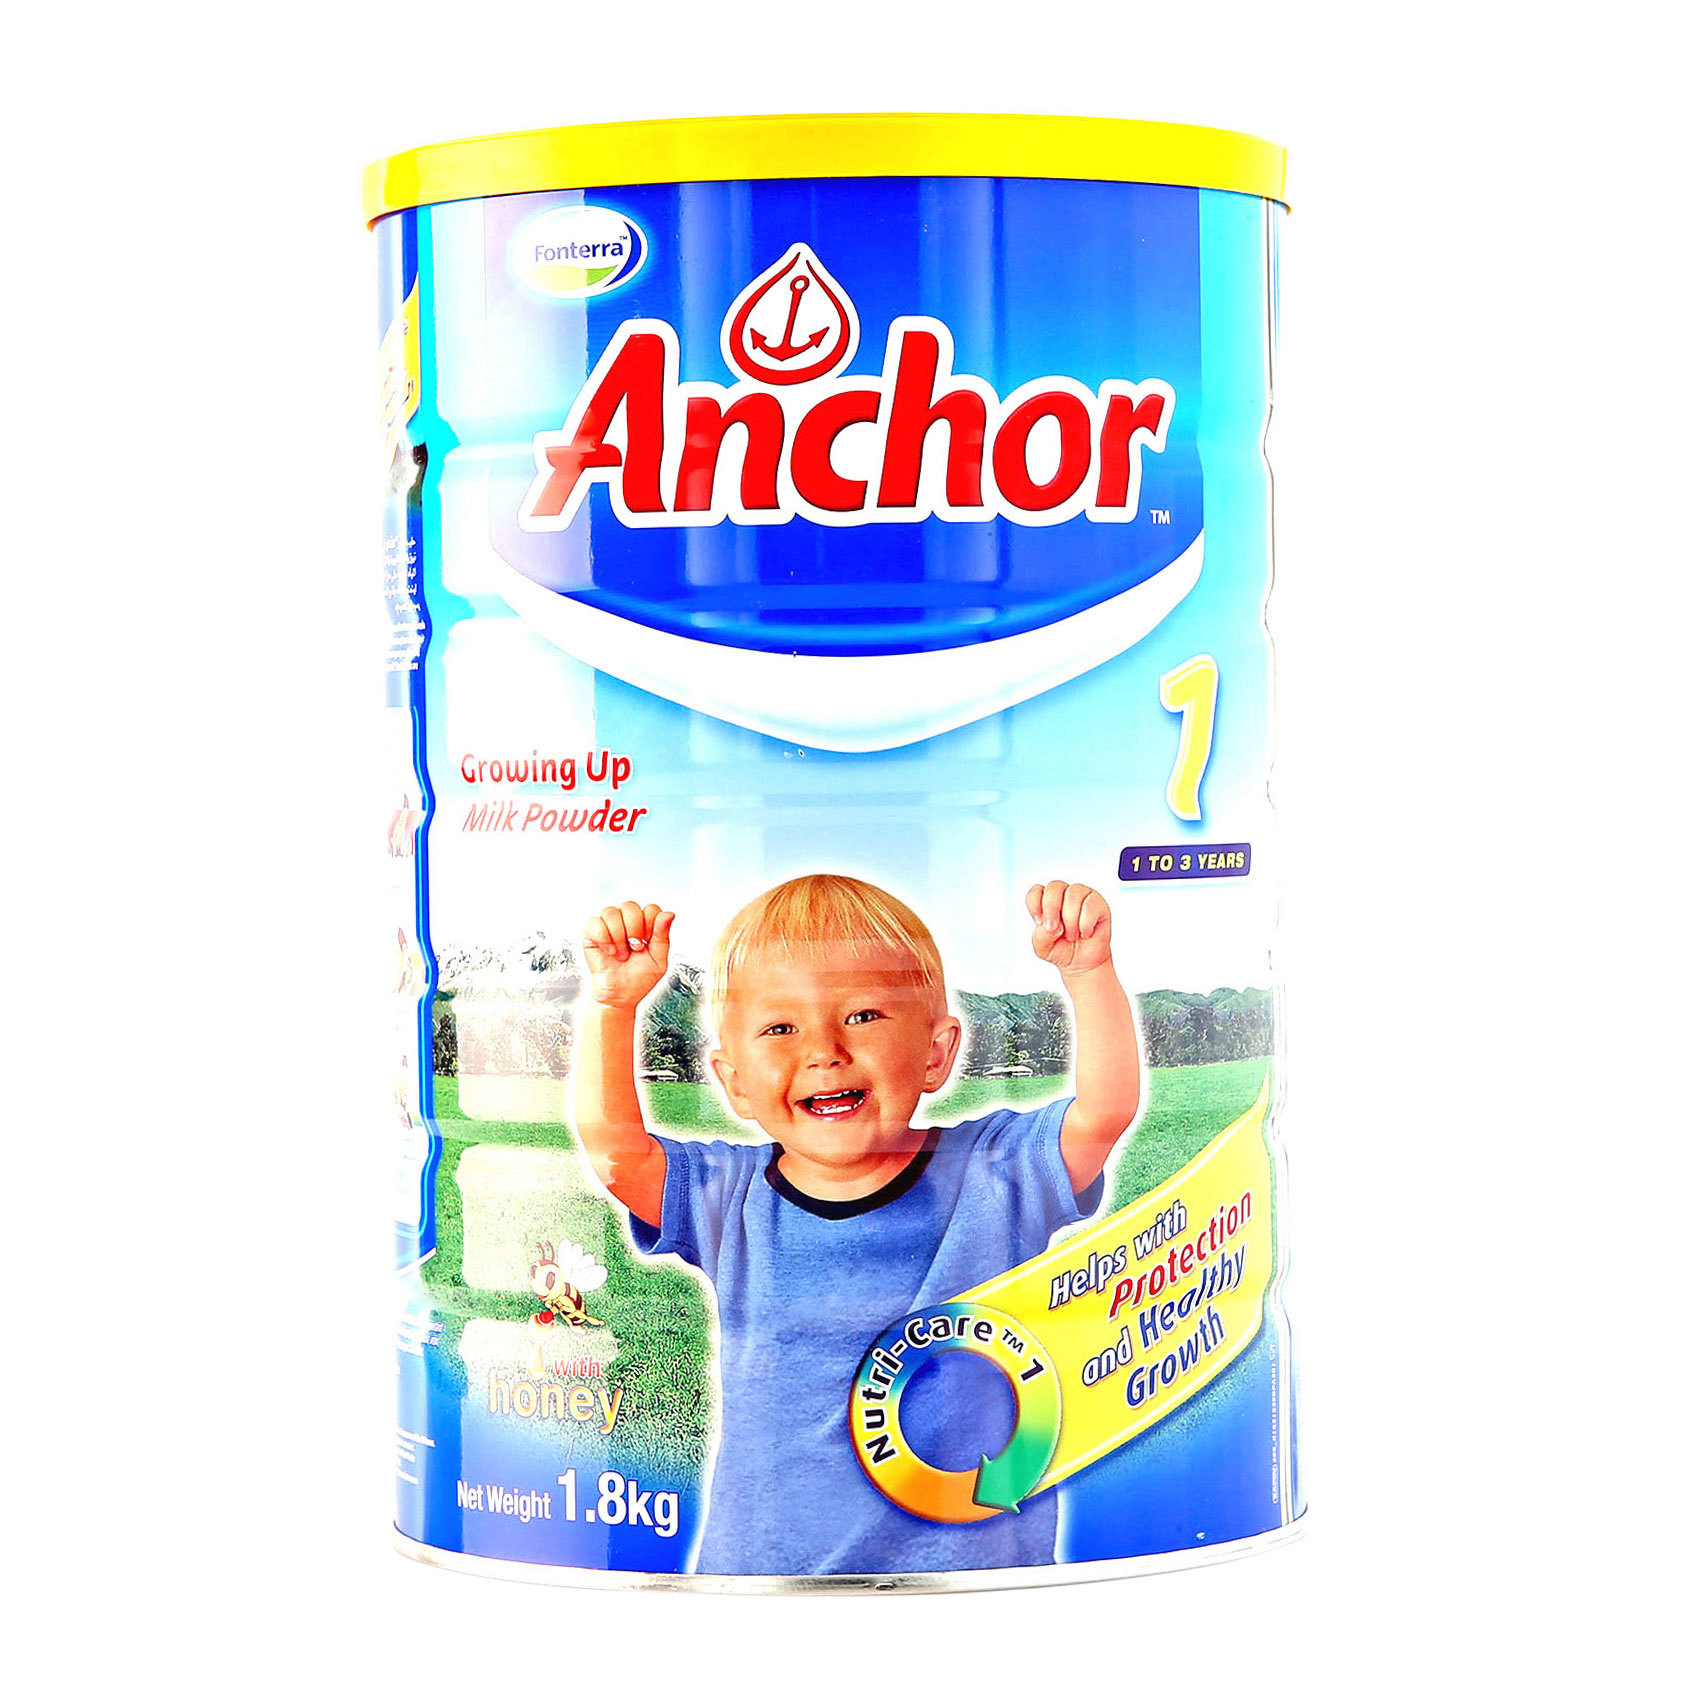 ANCHOR 1 PLUS 1.8KG